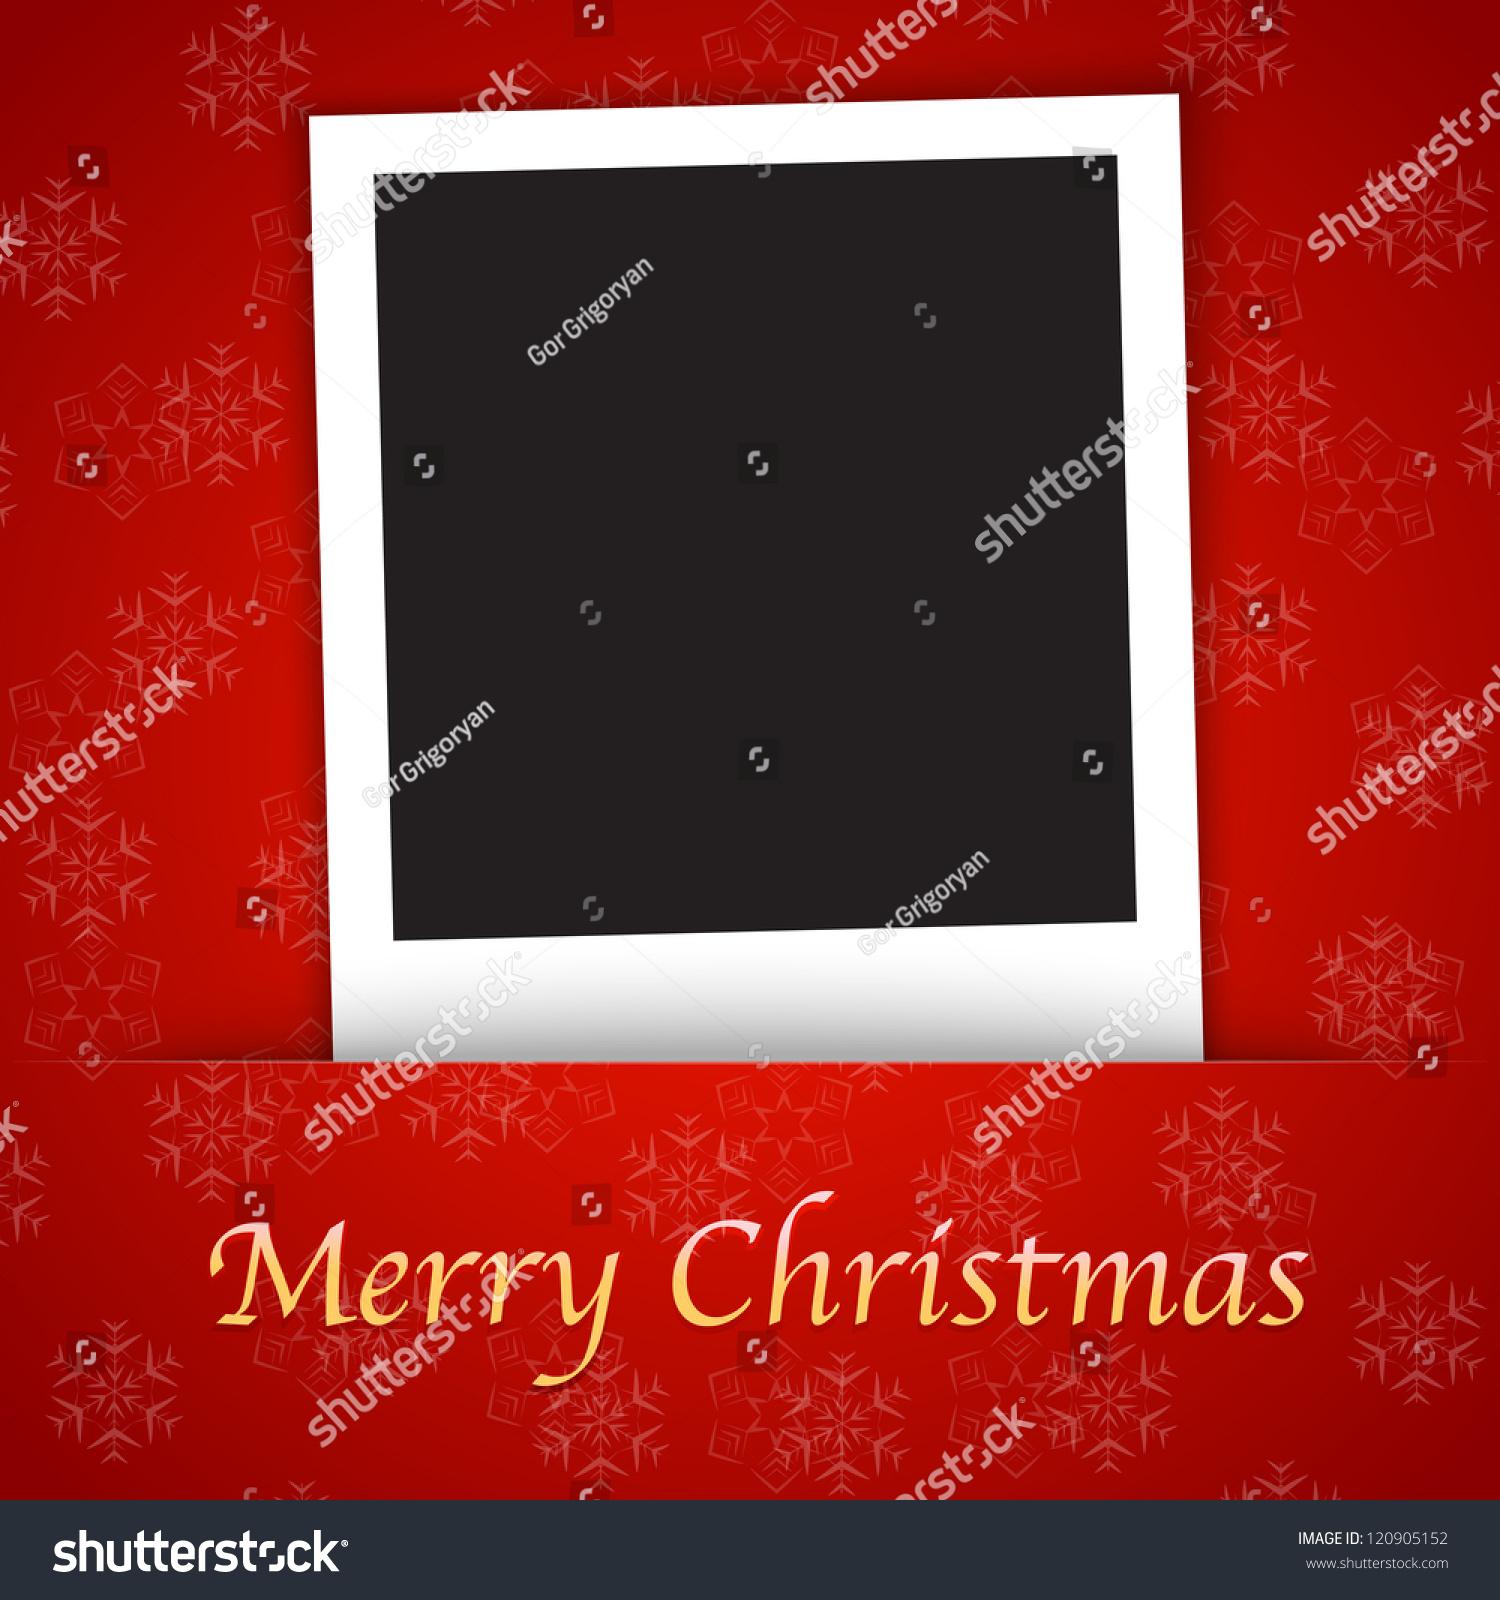 圣诞快乐卡片模板与空白相框红色背景-背景/素材